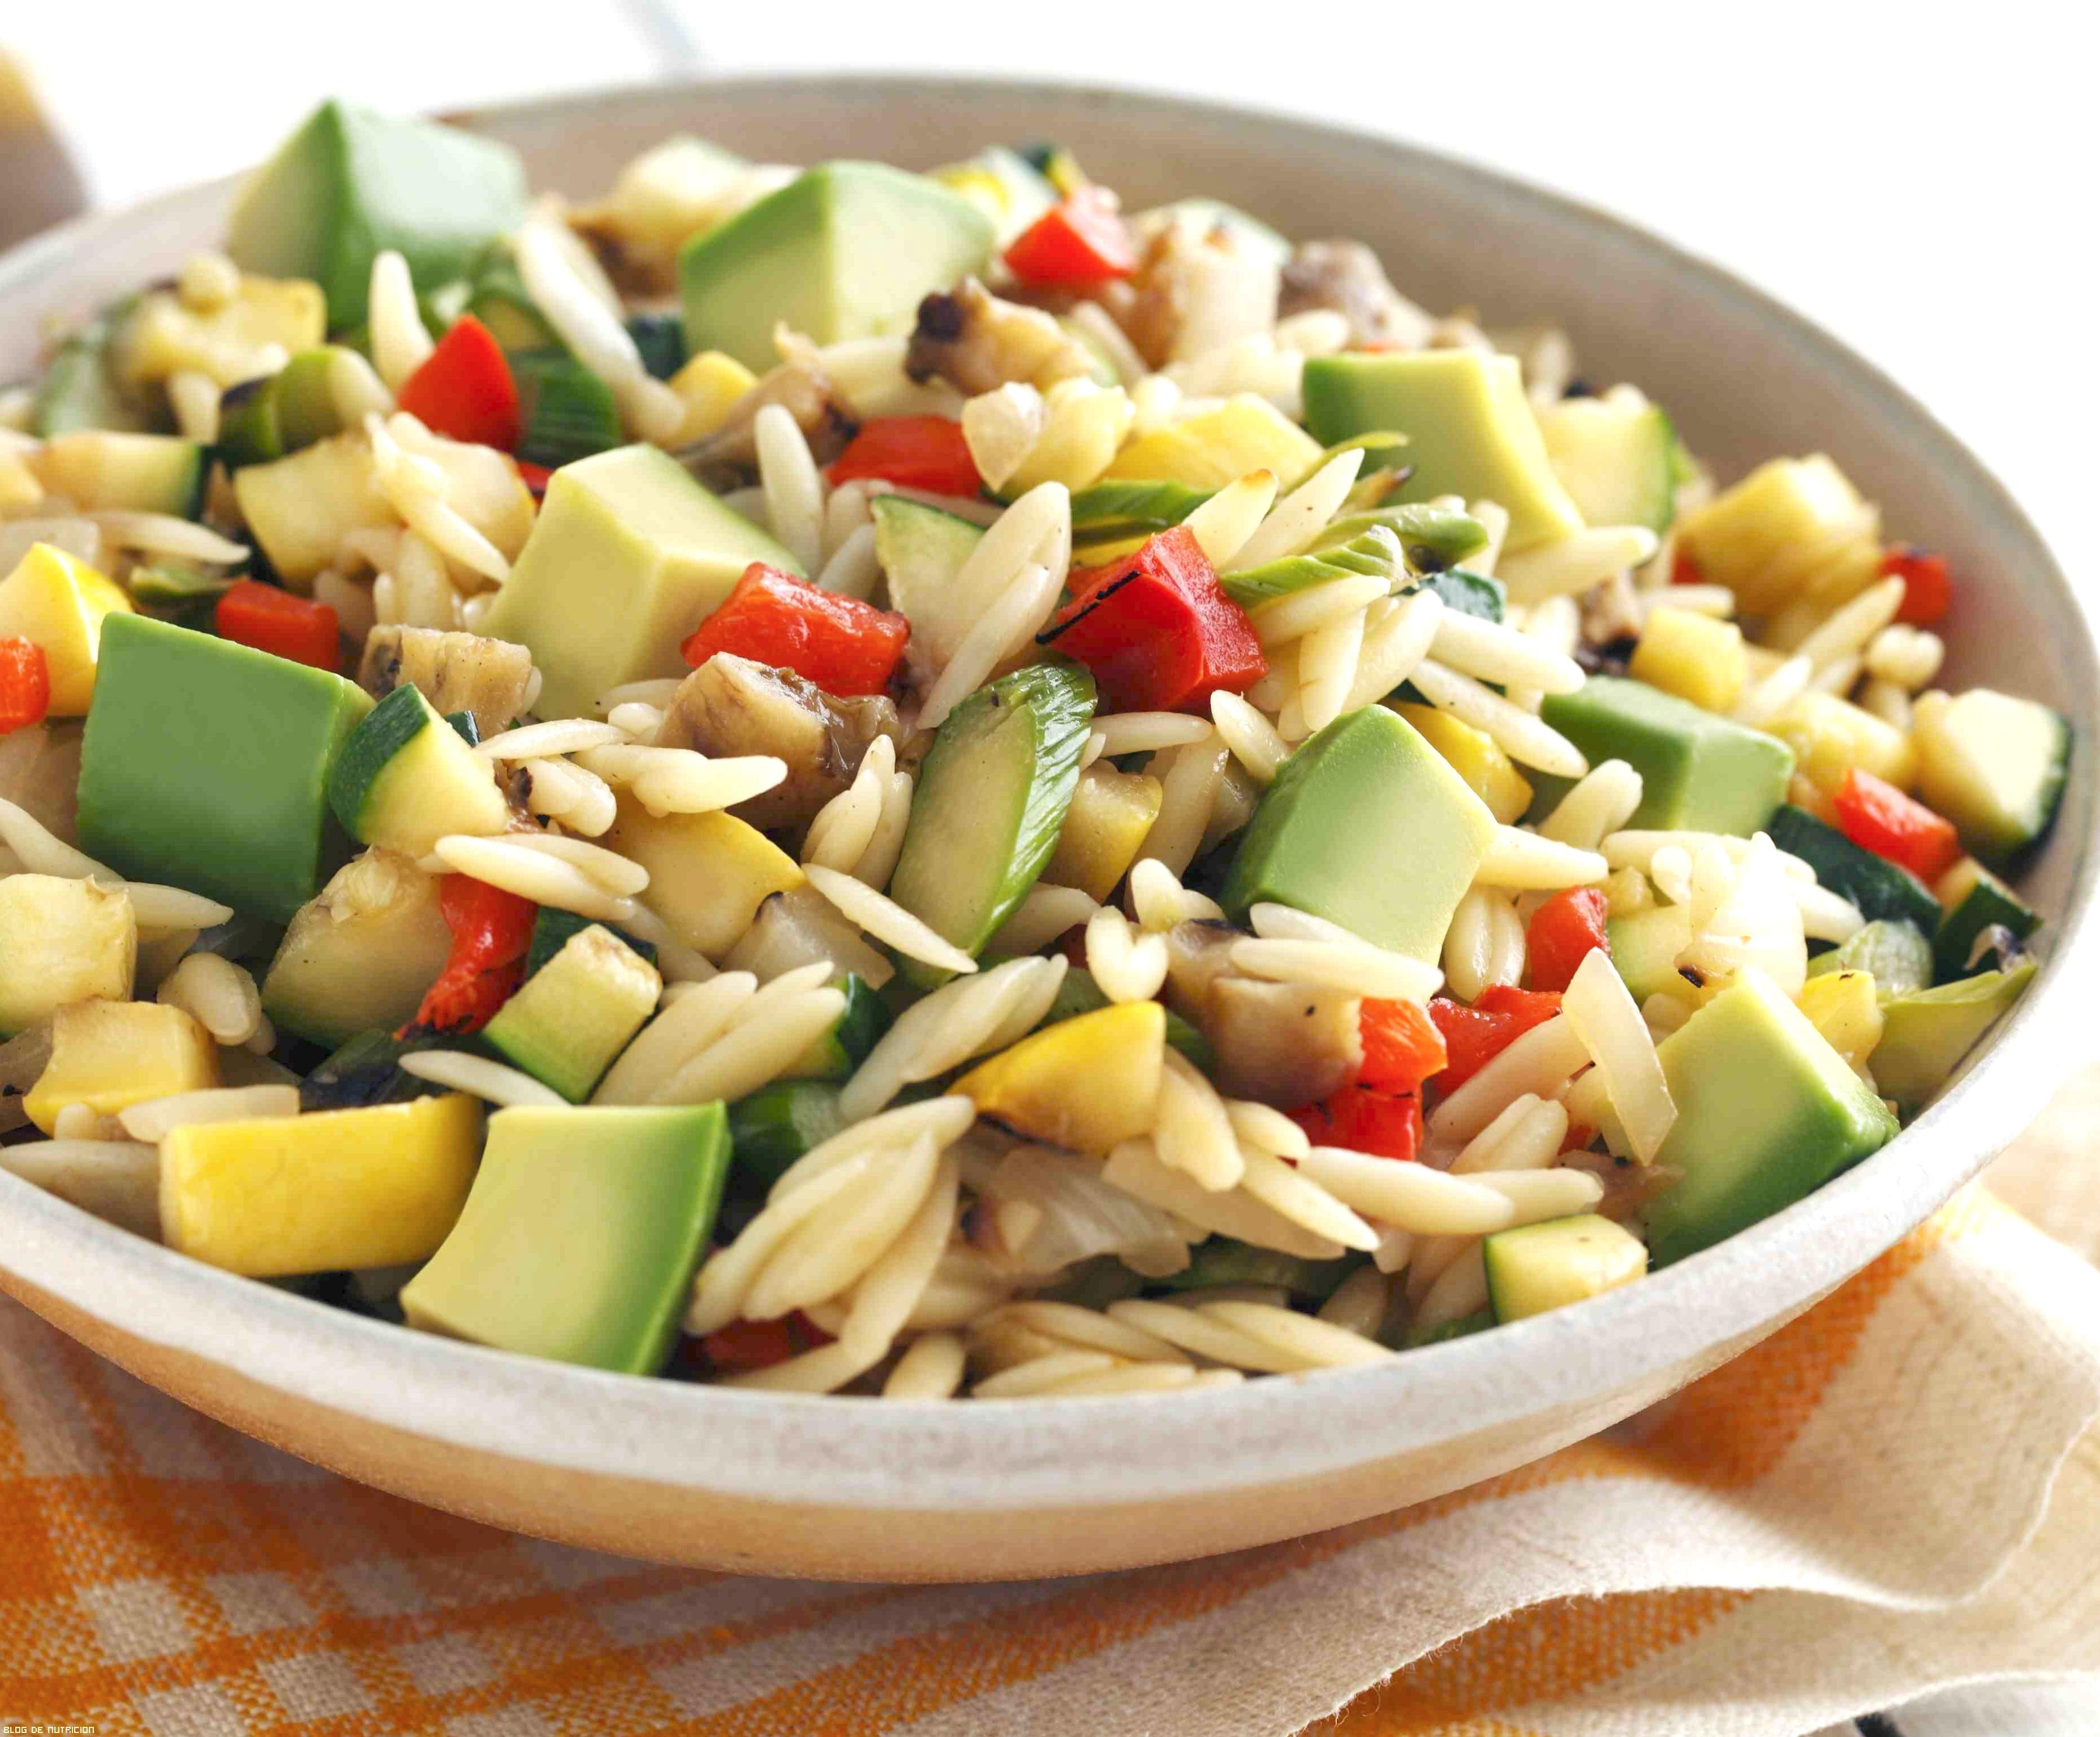 ensaladas nutritivas